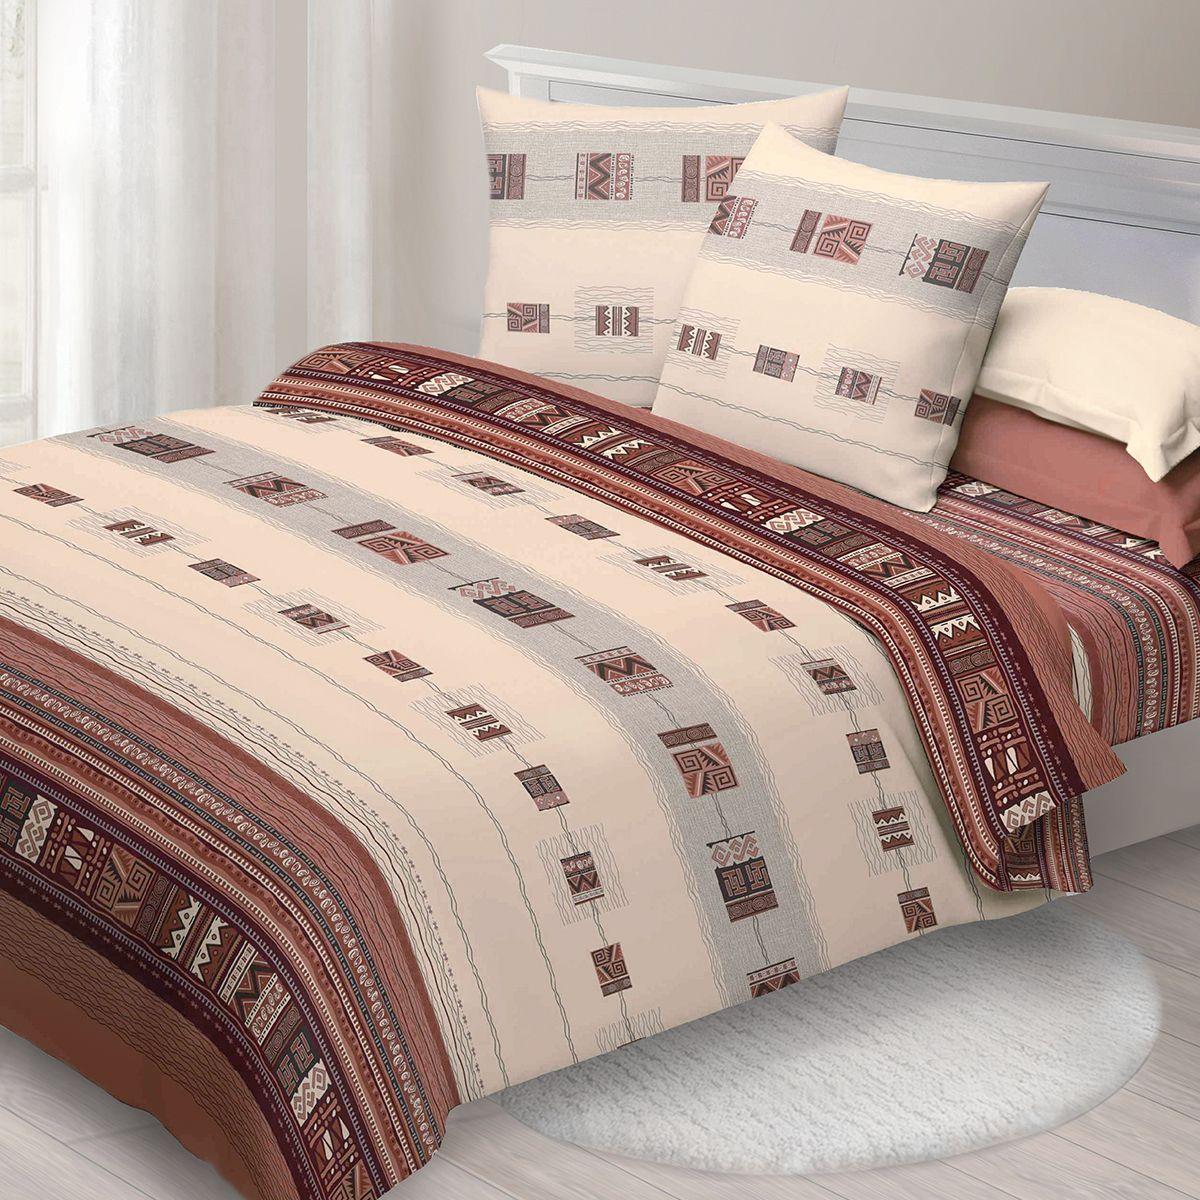 Комплект белья Спал Спалыч Этно, 2-спальное, наволочки 70x70, цвет: коричневый88055Спал Спалыч - недорогое, но качественное постельное белье из белорусской бязи. Актуальные дизайны, авторская упаковка в сочетании с качественными материалами и приемлемой ценой - залог успеха Спал Спалыча!В ассортименте широкая линейка домашнего текстиля для всей семьи - современные дизайны современному покупателю! Ткань обработана по технологии PERFECT WAY - благодаря чему, она становится более гладкой и шелковистой.• Бязь Барановичи 100% хлопок• Плотность ткани - 125 гр/кв.м.